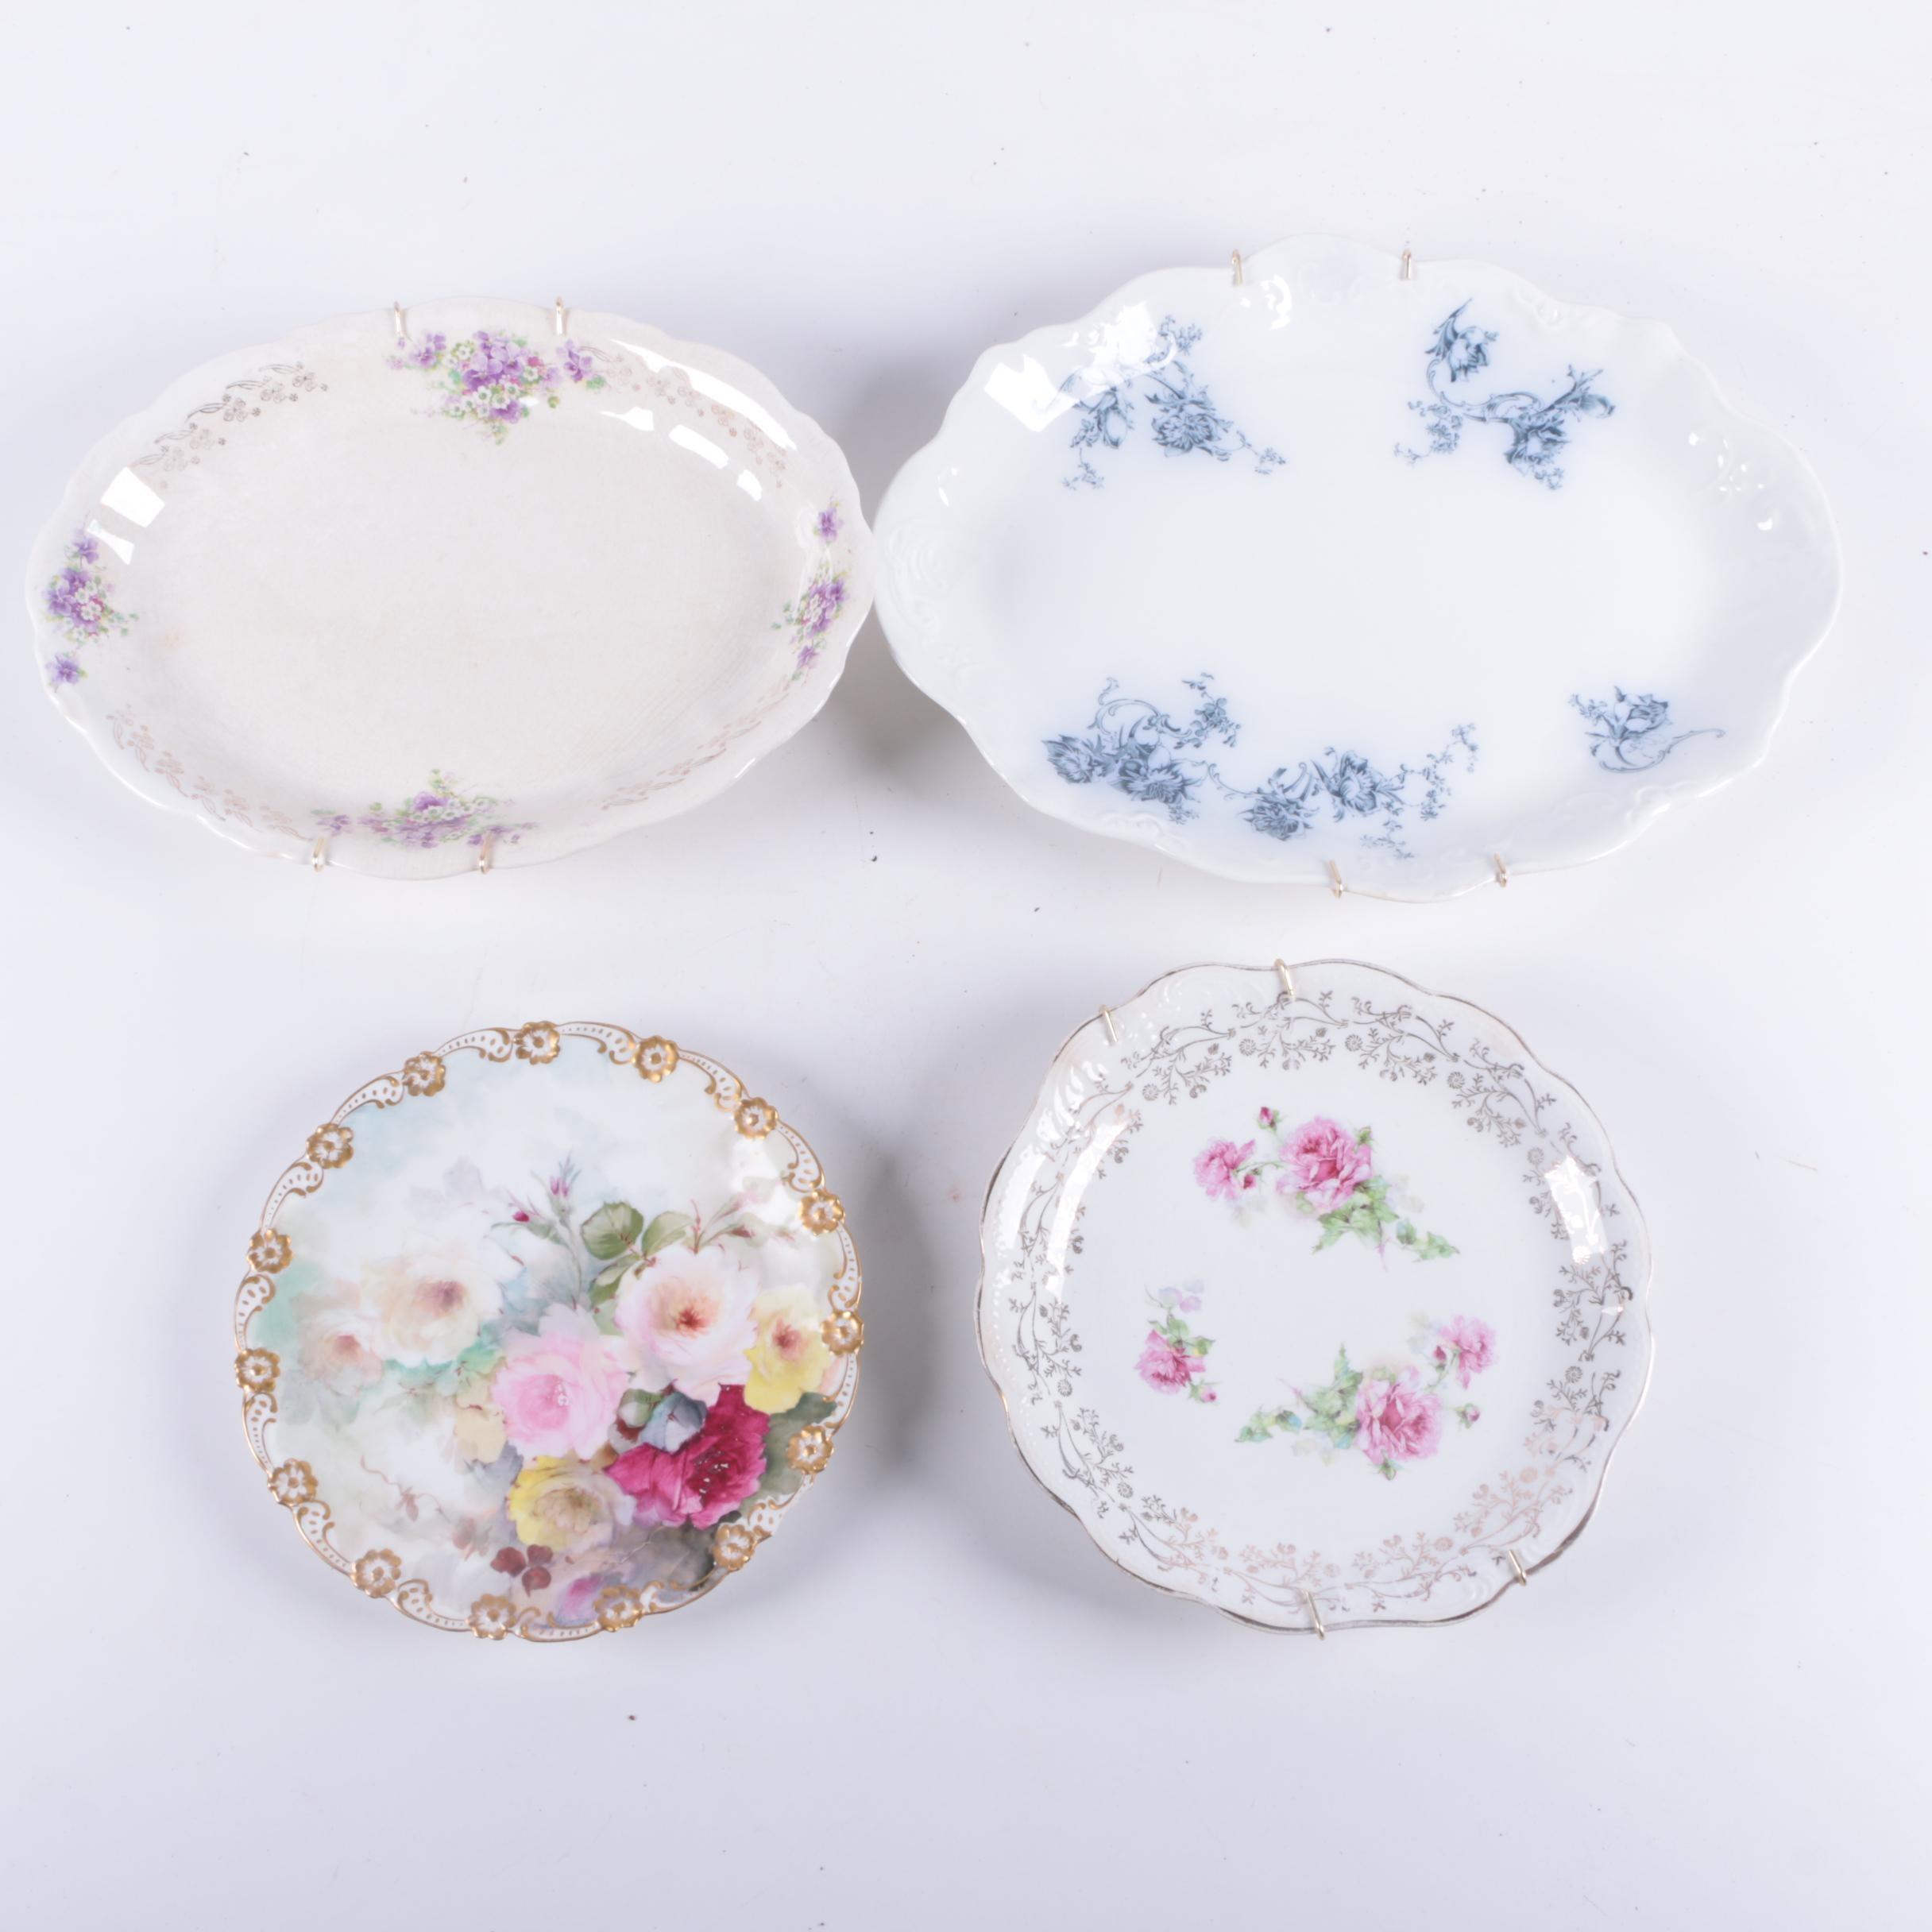 Antique Hand-Painted Porcelain Plates